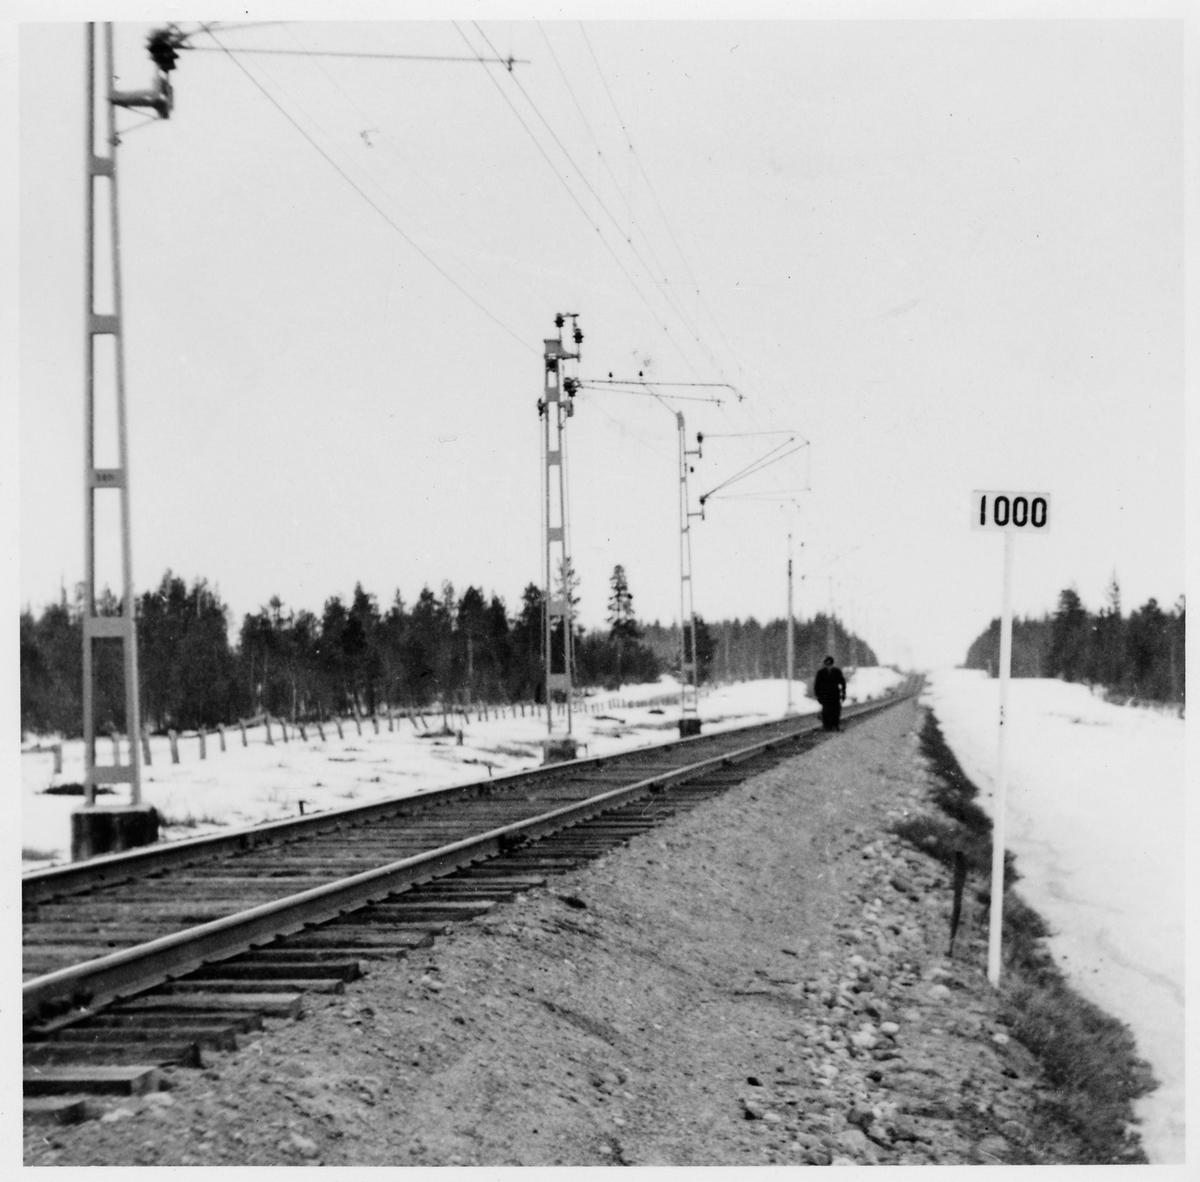 Inspektion  av järnvägsspår.